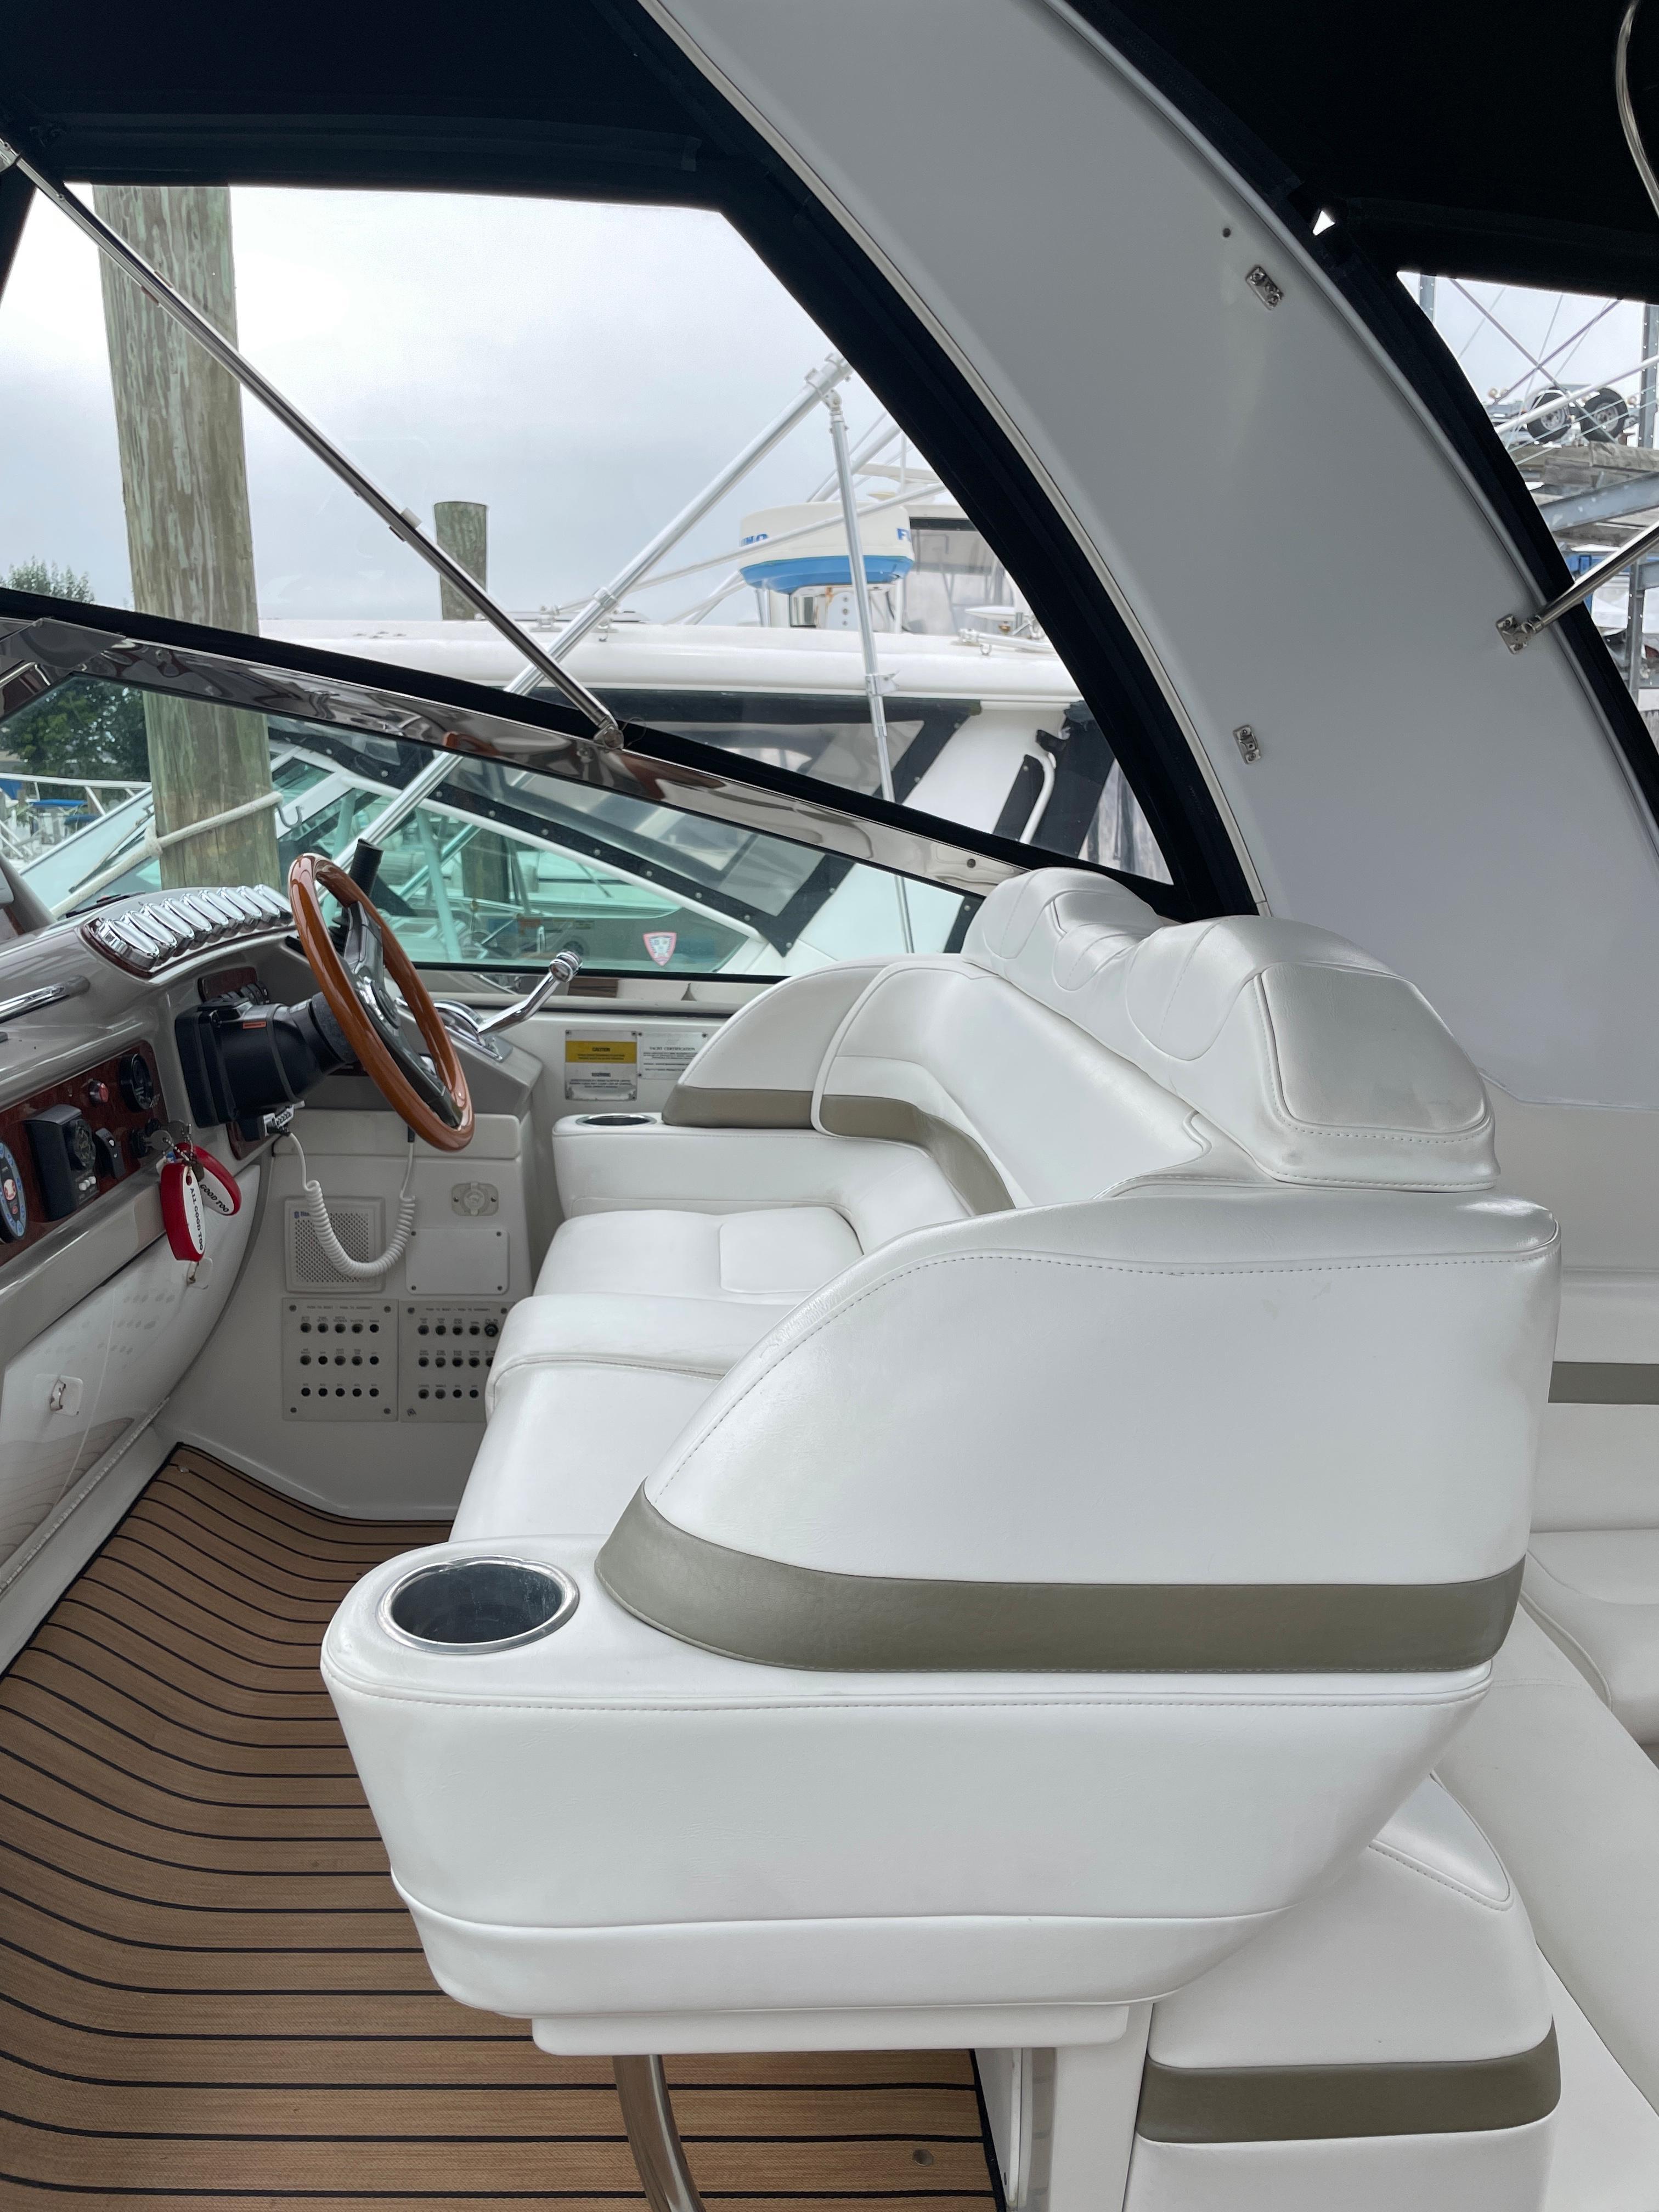 NY 6161 KM Knot 10 Yacht Sales